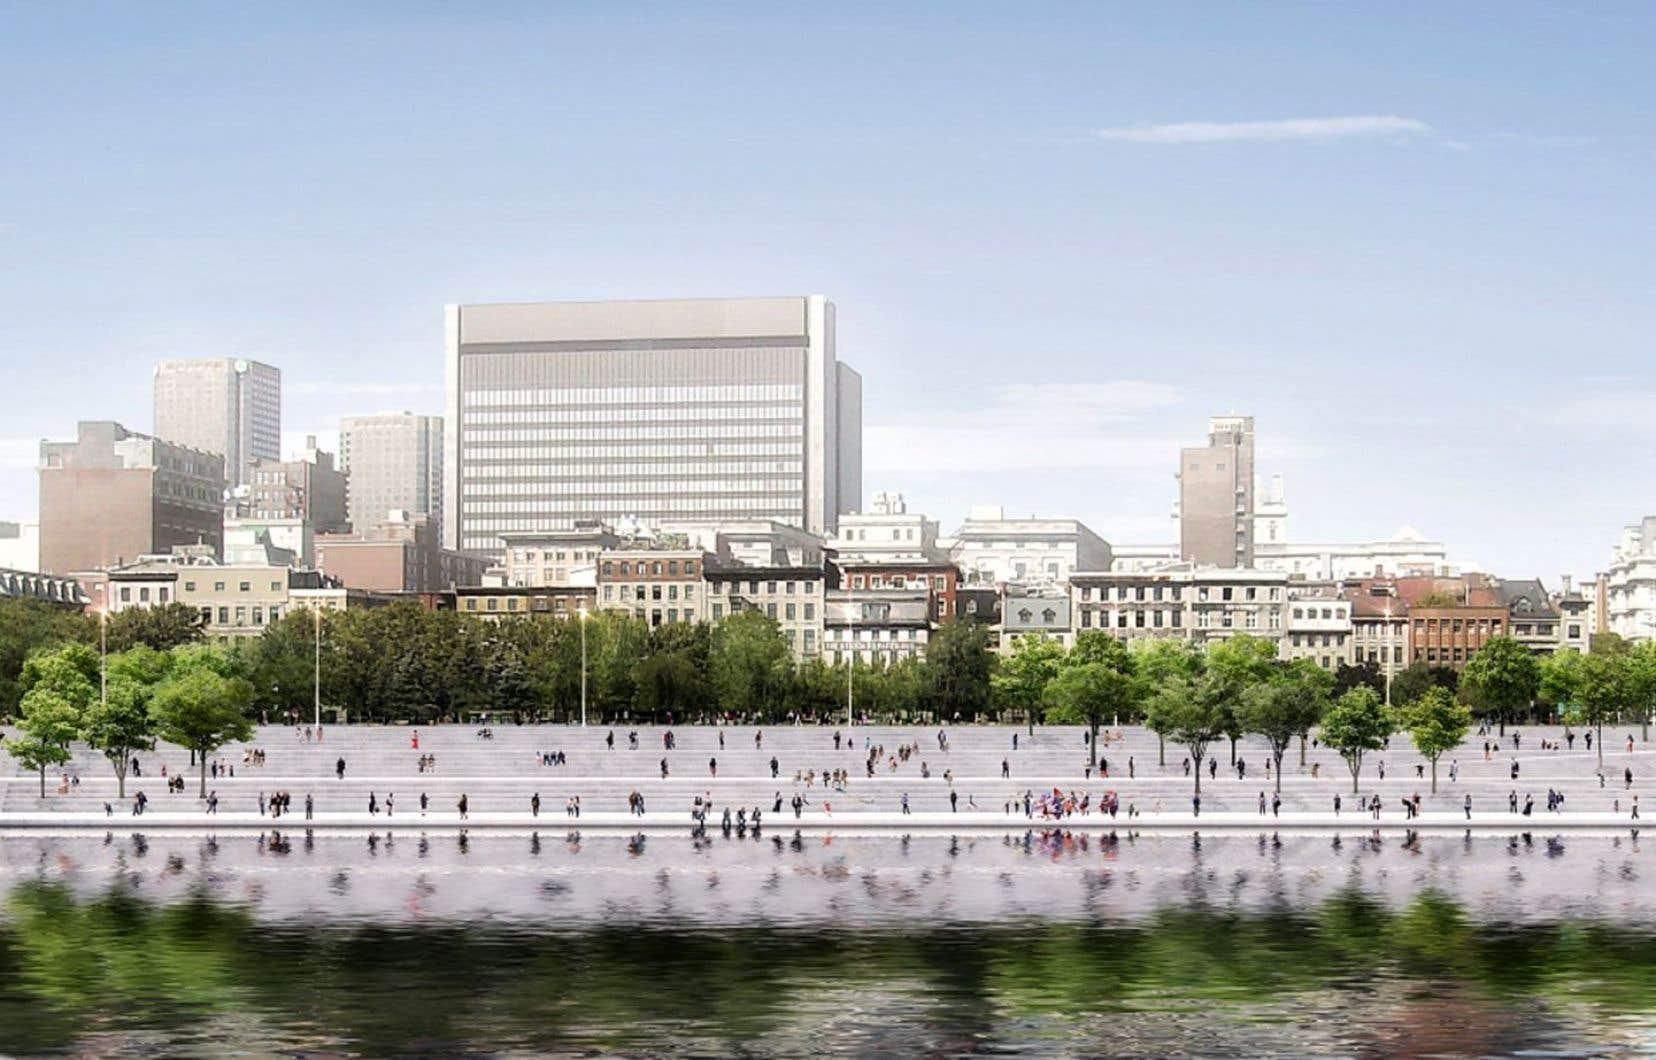 Parmi les nombreux objectifs d'aménagement présentés lundi dernier à Montréal figure la volonté de se rapprocher du fleuve Saint-Laurent.